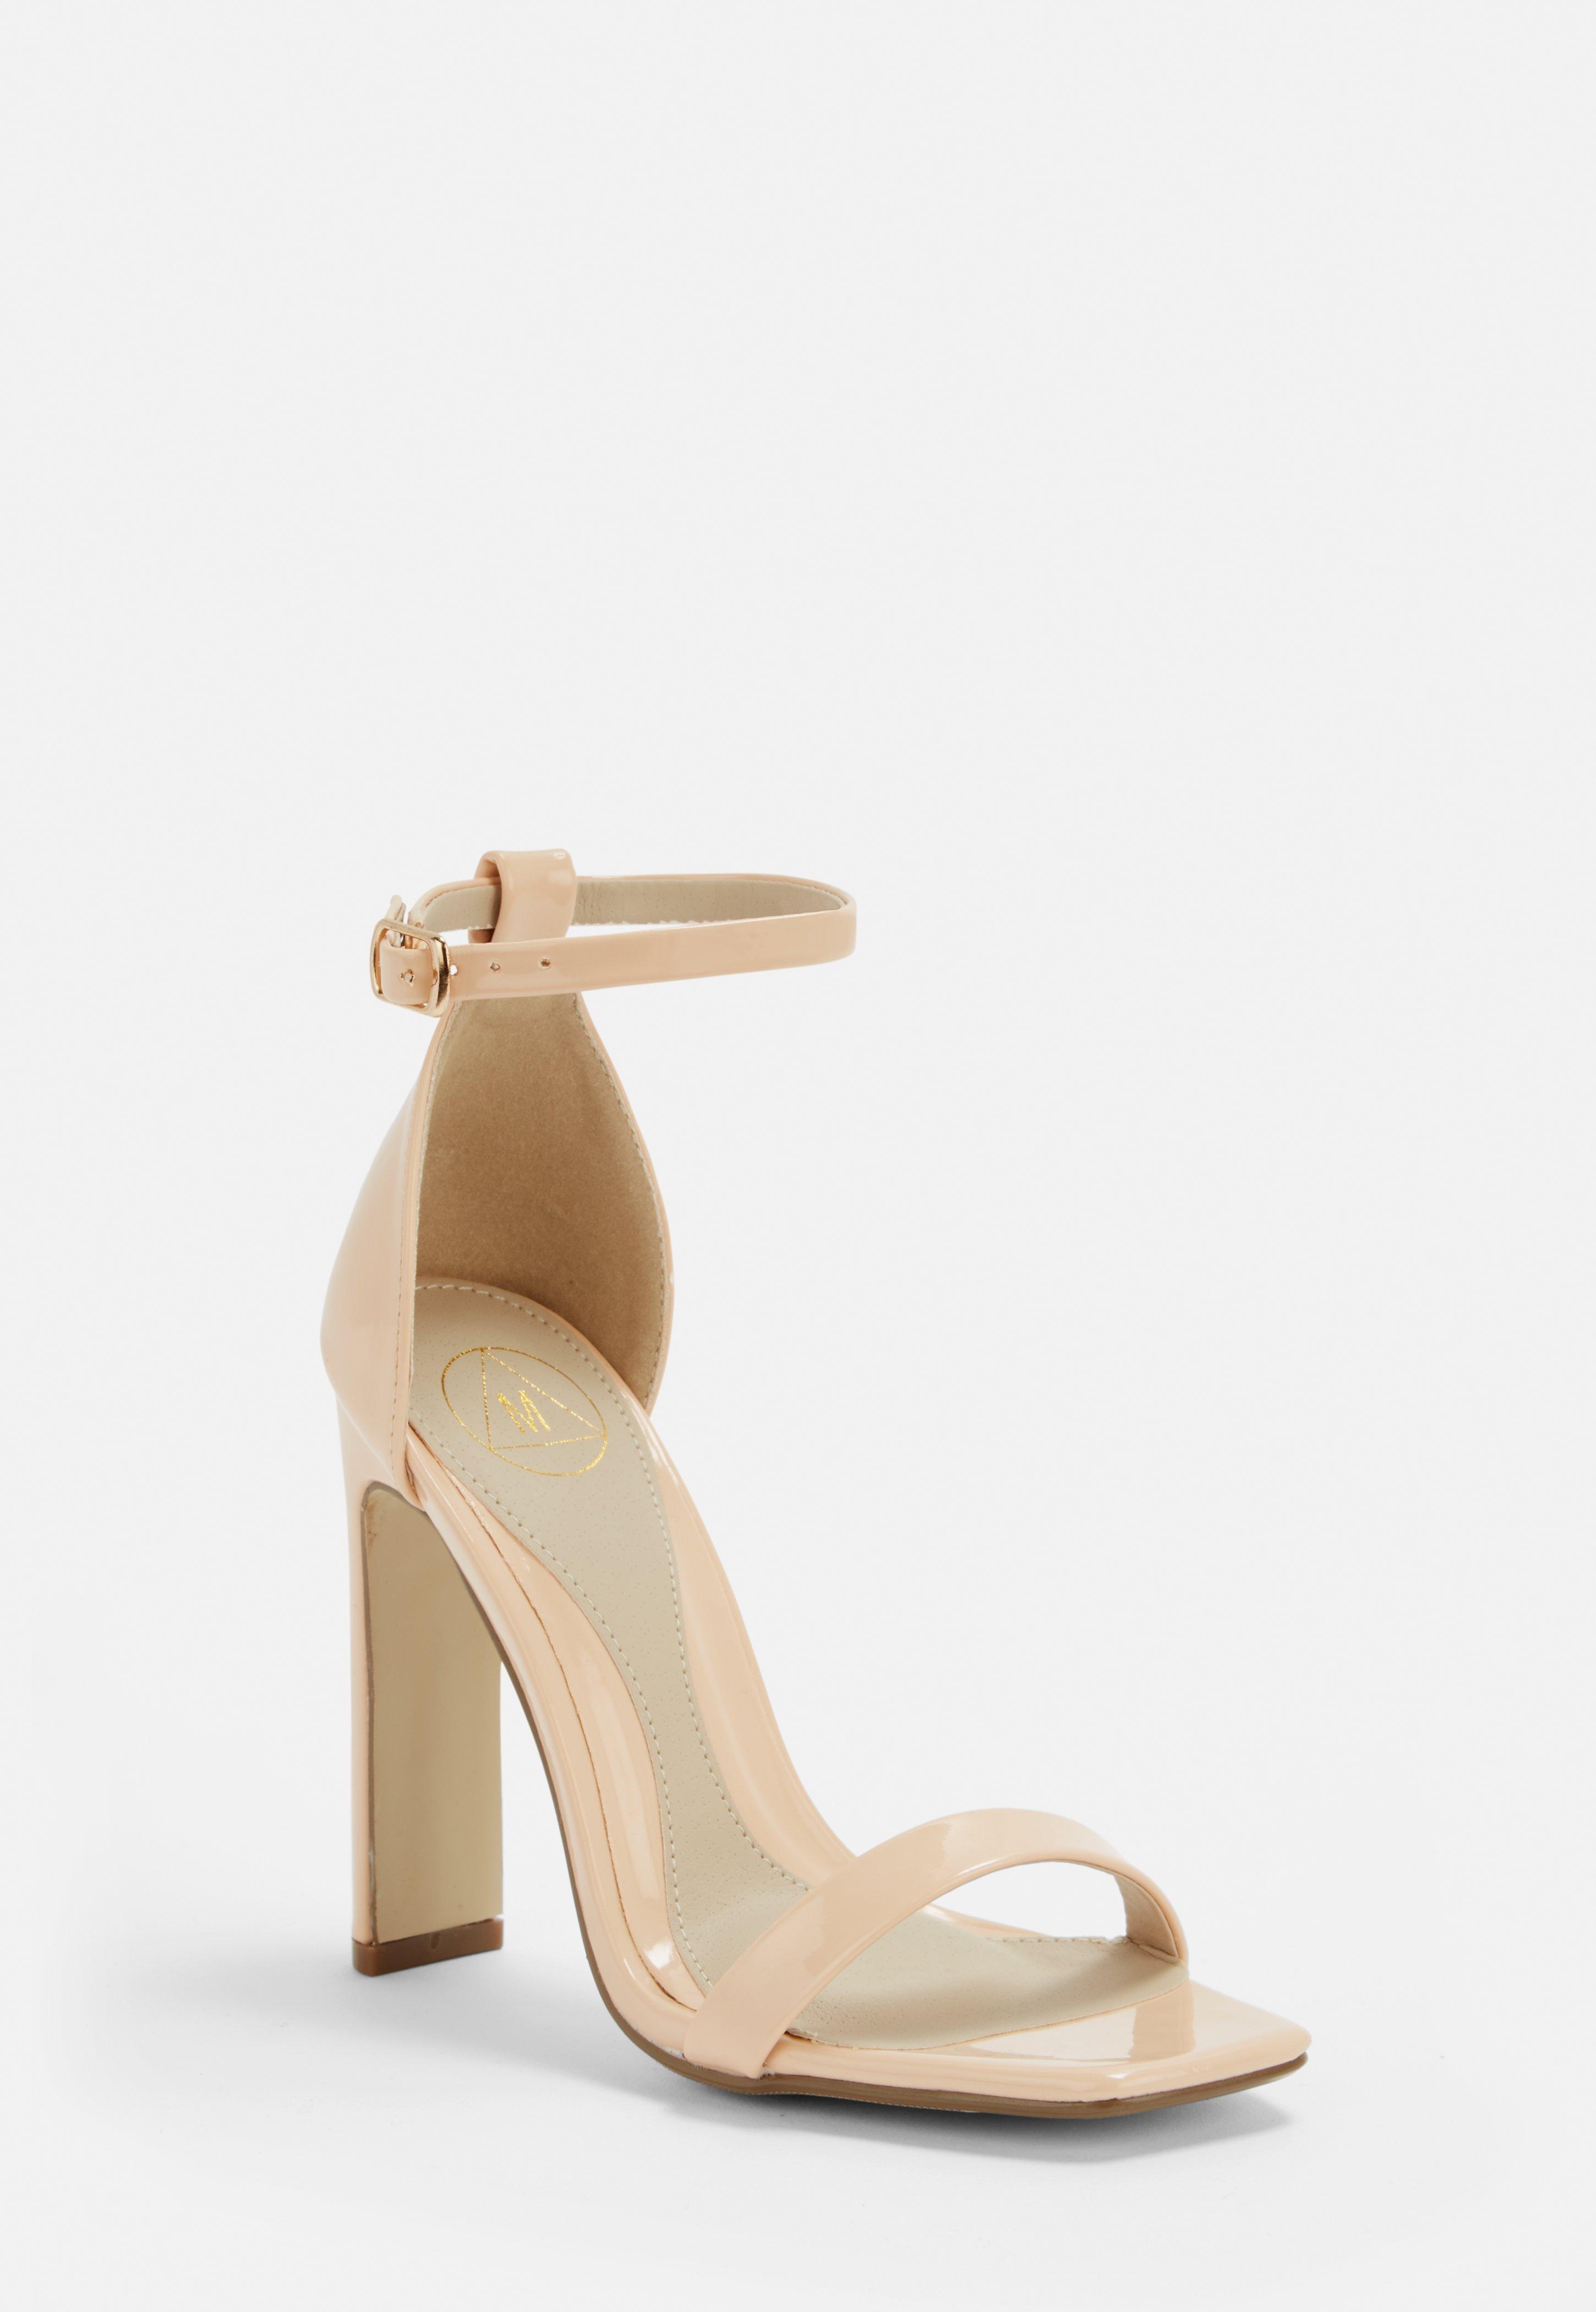 4a6a4199fc6d Nude Heels